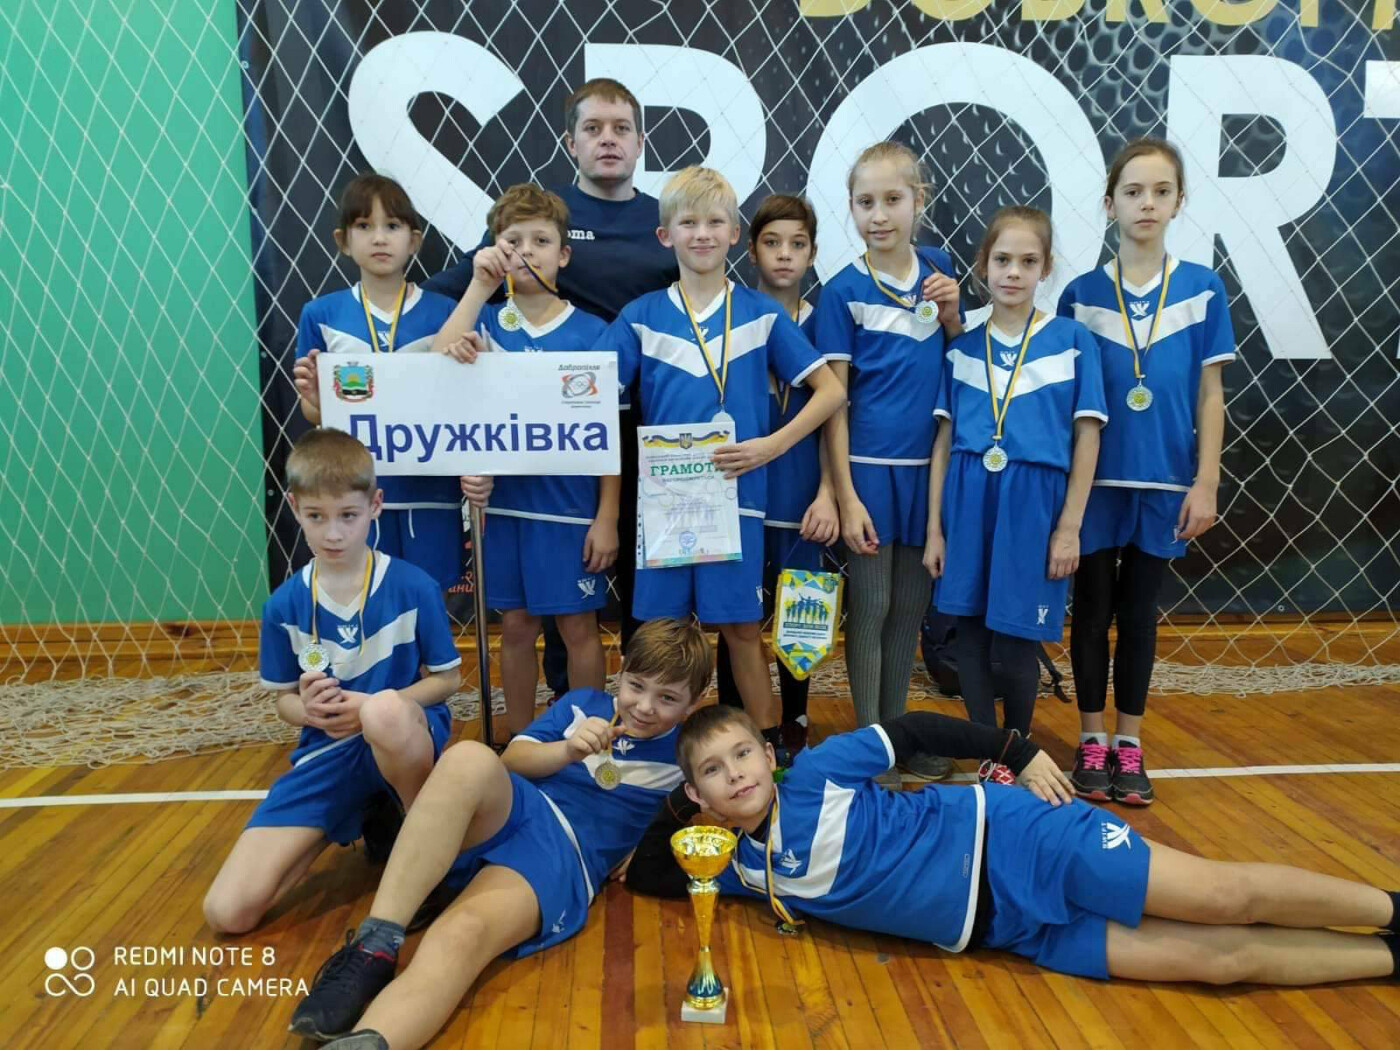 Дружковские школьники завоевали серебро областных соревнований «Веселые старты», фото-2